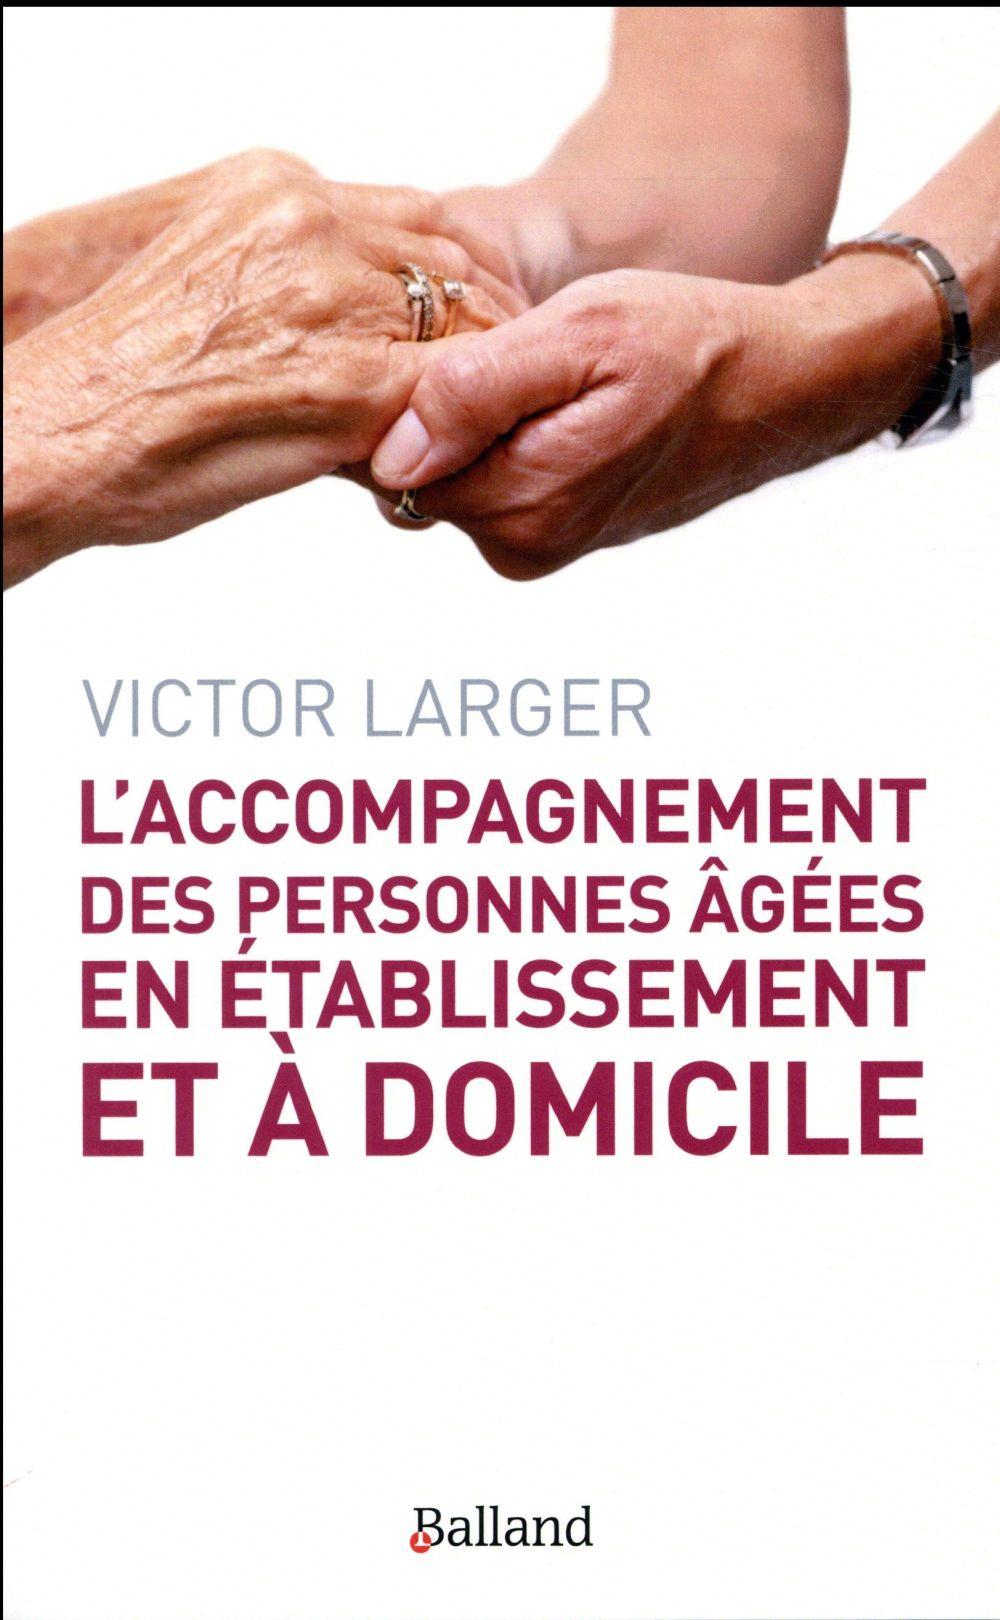 L ACCOMPAGNEMENT DES PERSONNES AGEES EN ETABLISSEMENT ET A DOMICILE